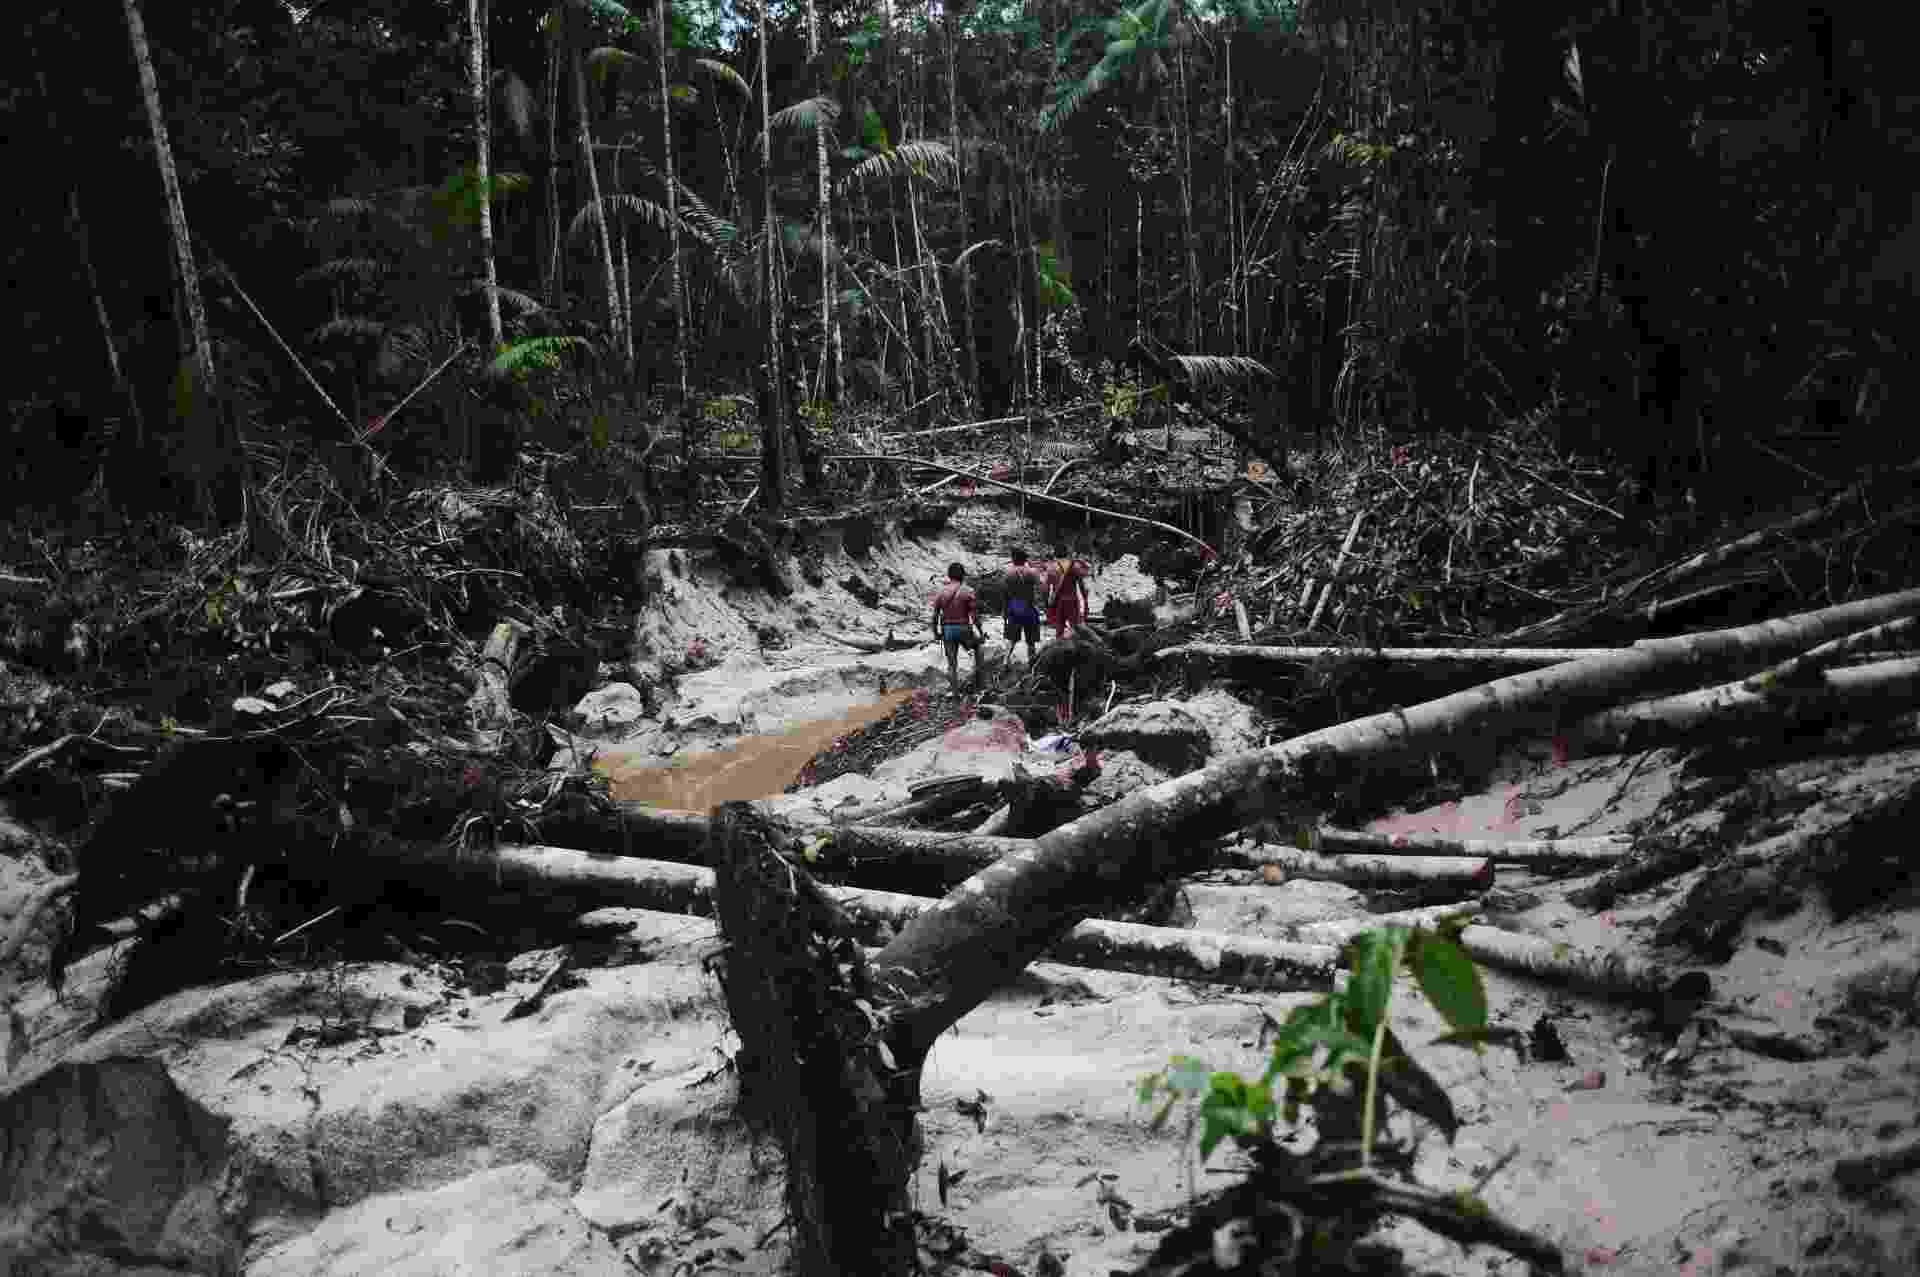 17.fev.2014 - Índios ficam em uma área de selva marcada por garimpeiros ilegais no território da tribo - Lunae Parracho/Reuters